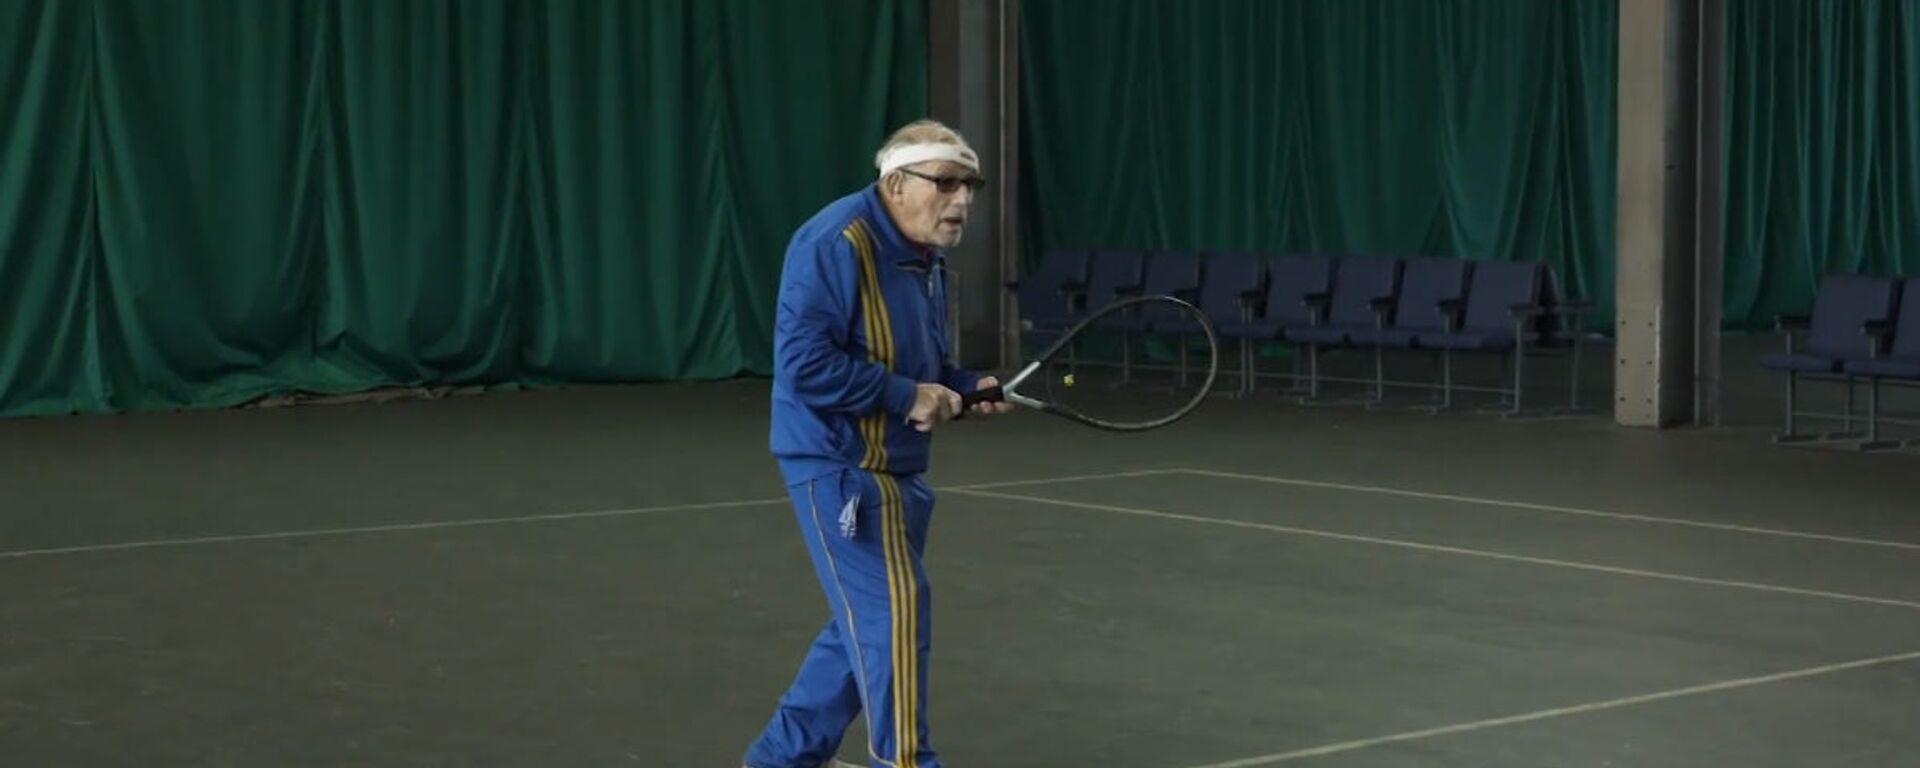 Παππούς «Τζόκοβιτς»: Αυτός ο 96χρονος είναι ο γηραιότερος τενίστας της Ευρώπης - Sputnik Ελλάδα, 1920, 24.11.2020